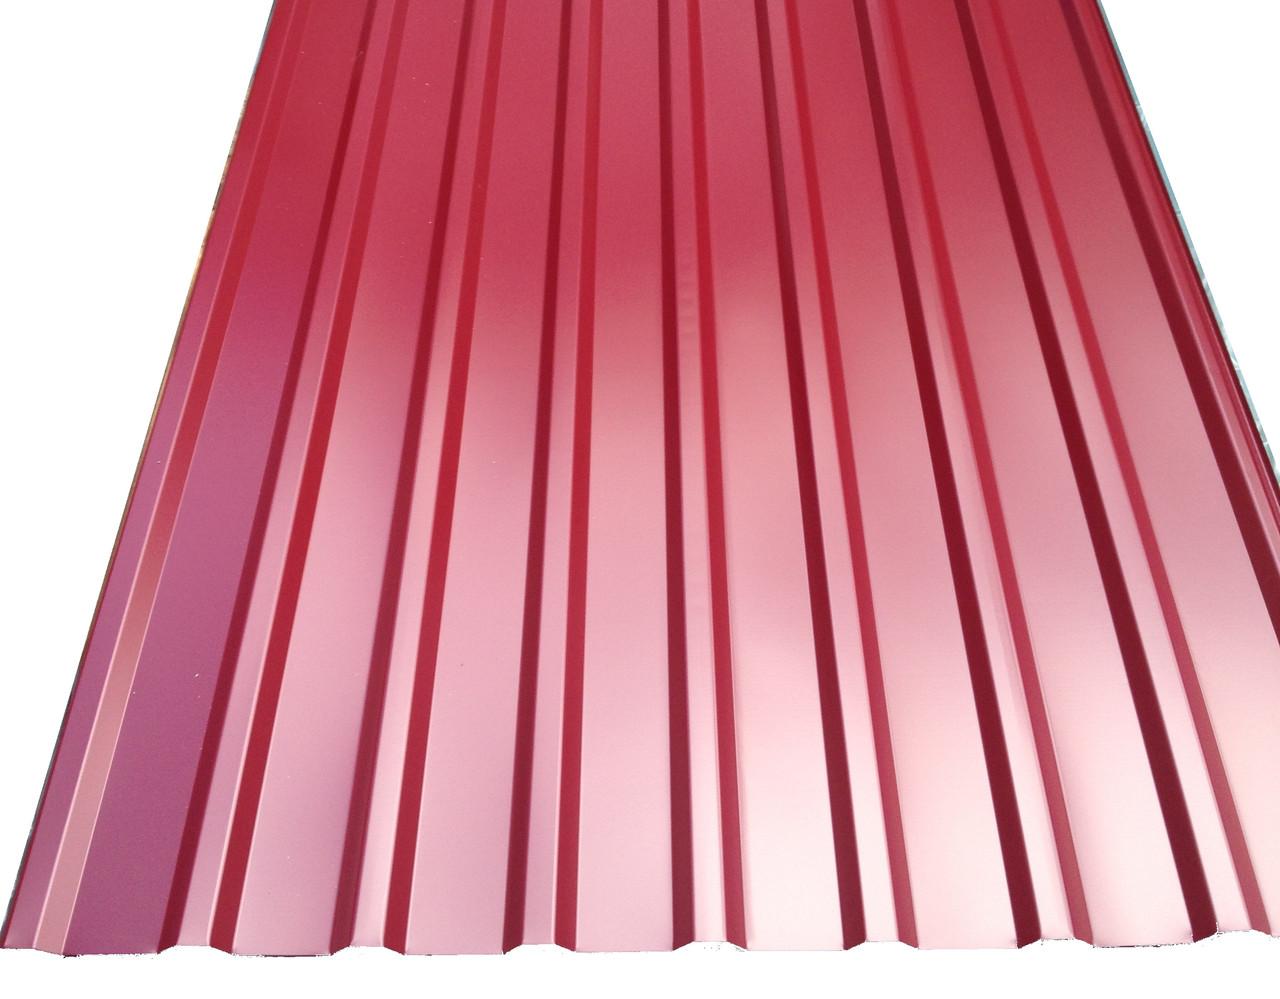 Профнастил покрівельний ПК-20 червоний товщина 0,4 розмір 2Х1,15м